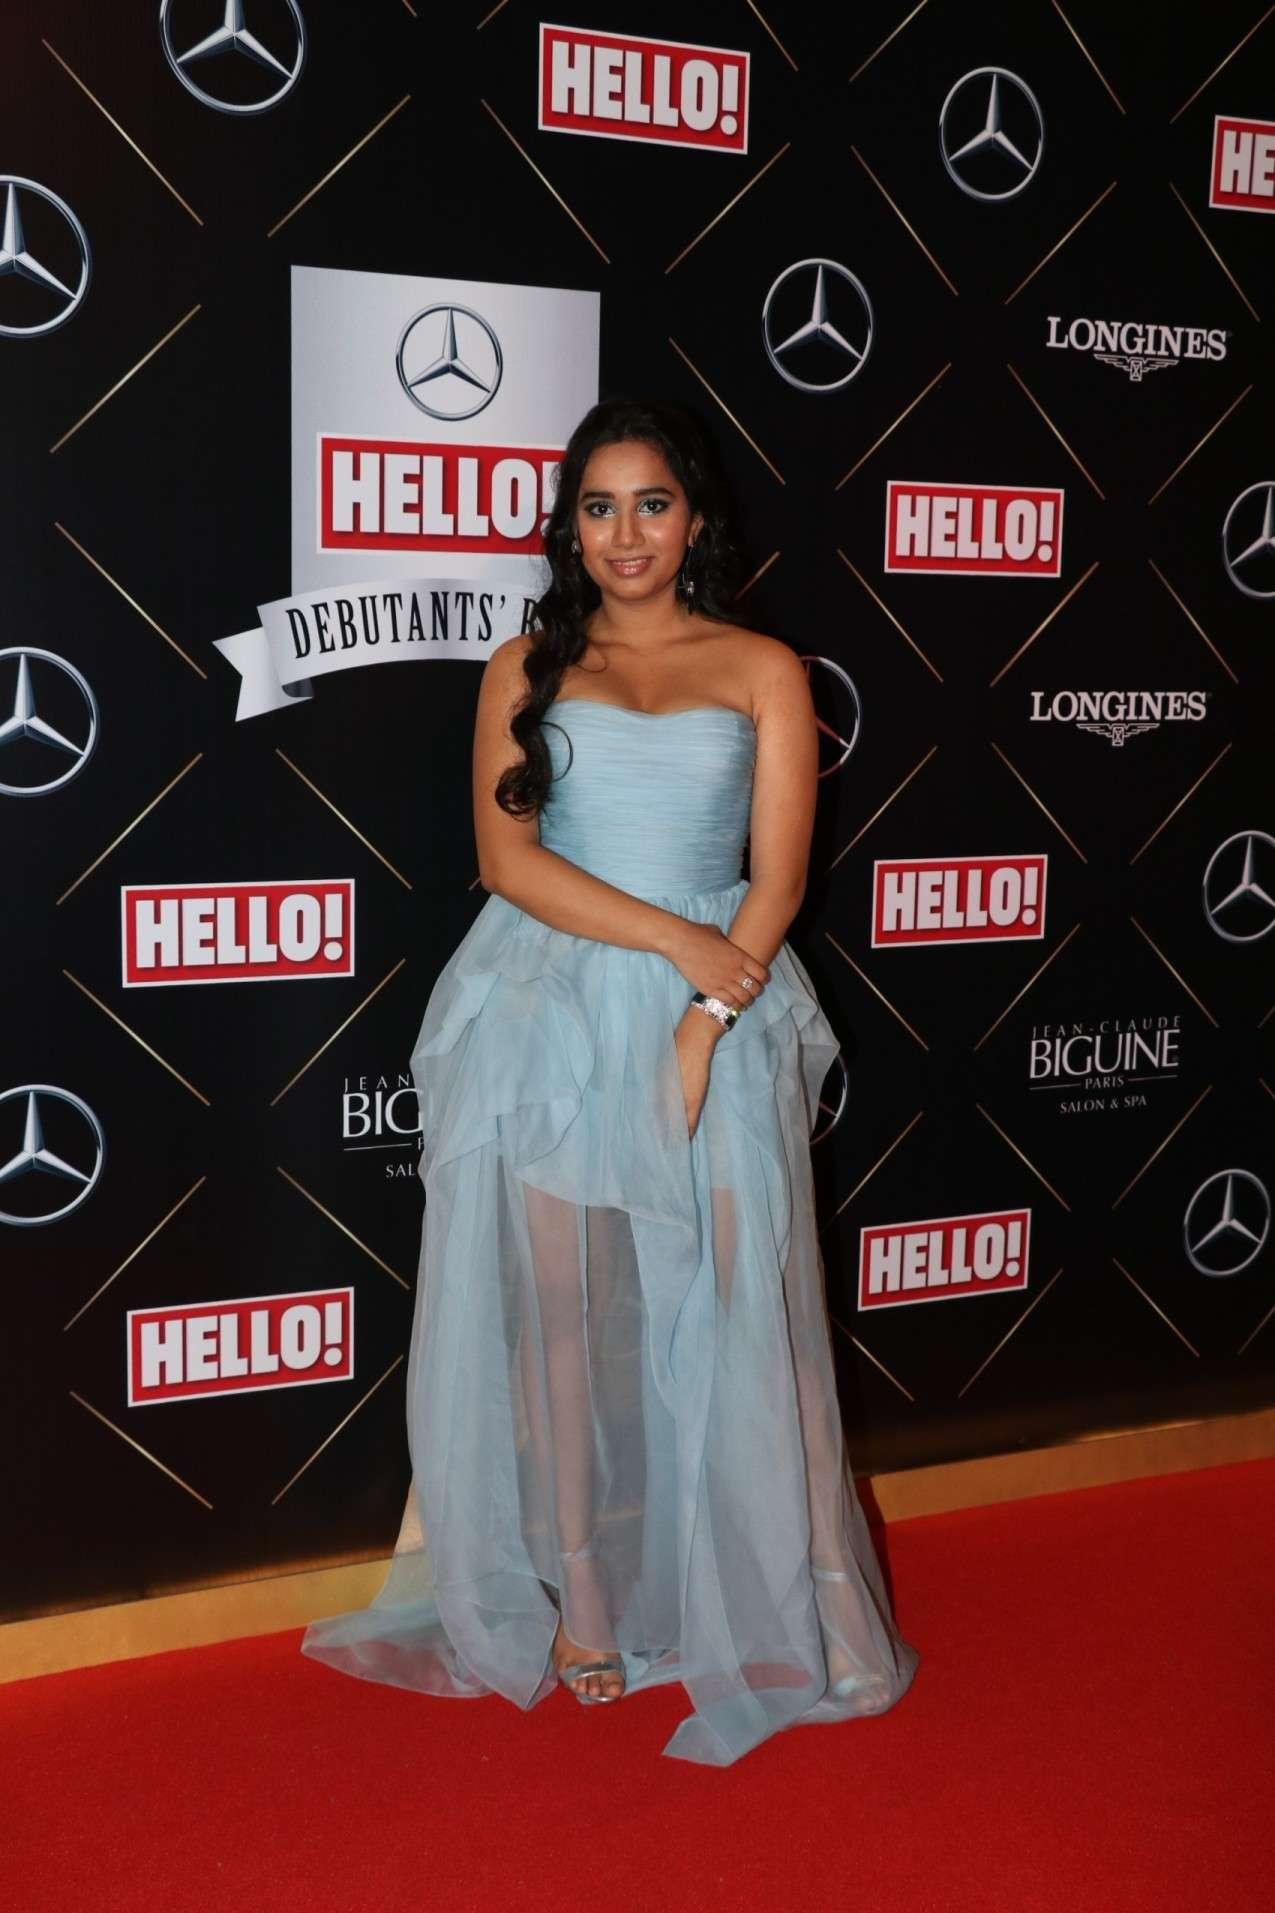 Debutant Chandni Mehta